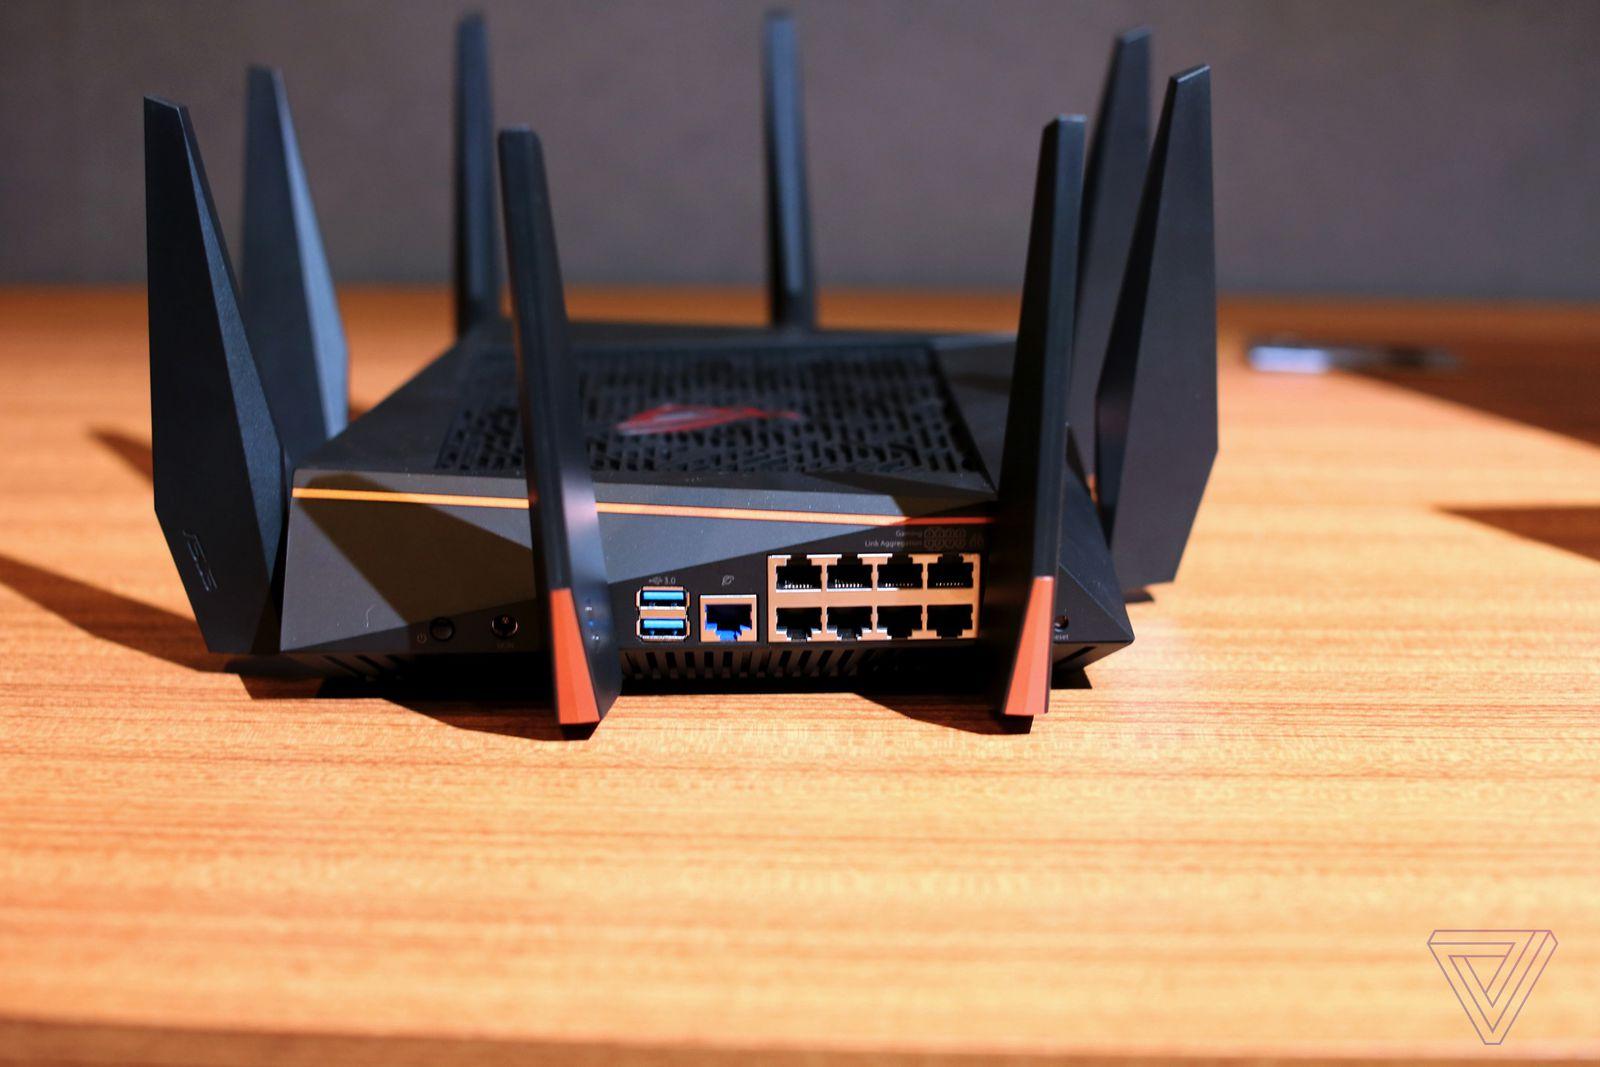 Hướng dẫn cách đặt & đổi mật khẩu cho mạng Wi-Fi